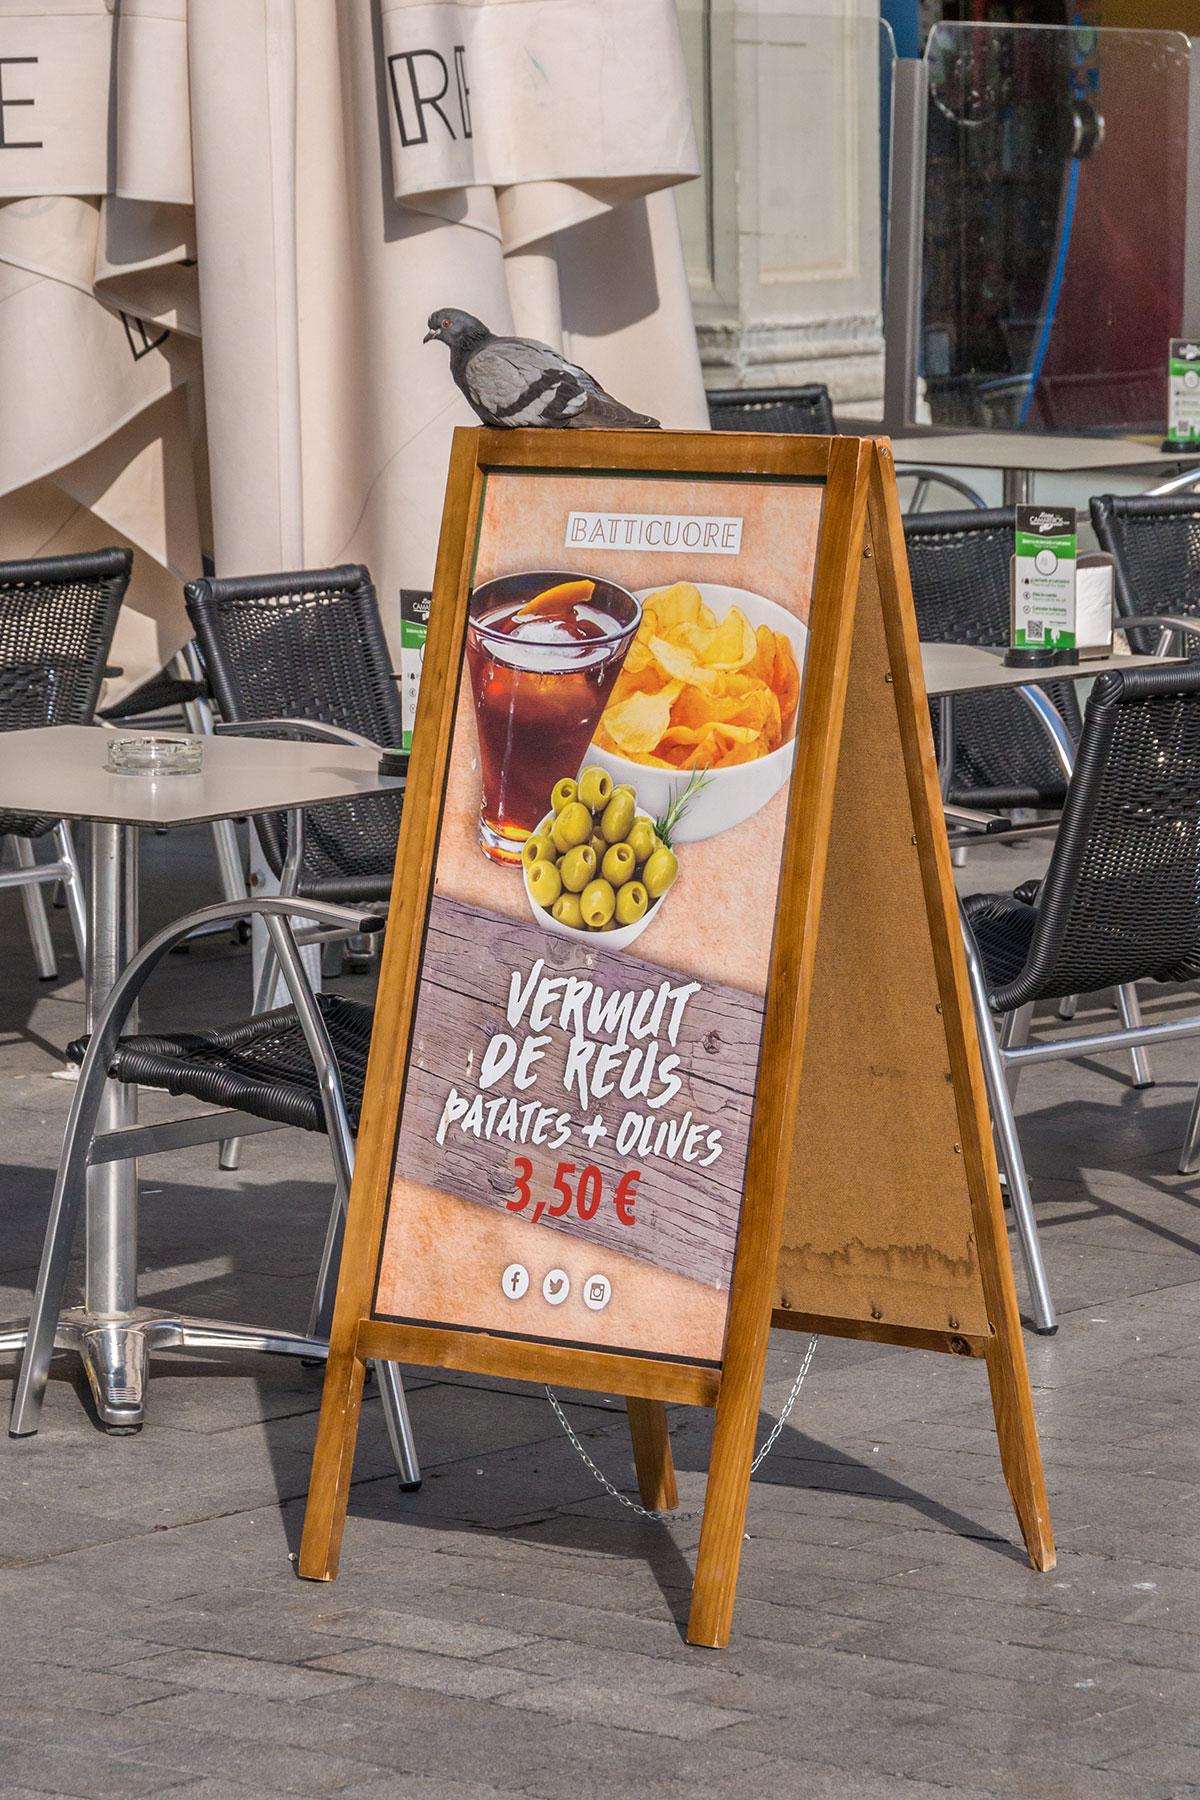 Spanien, Katalonien, Reus, Marktplatz, Taube auf Restaurant Plakat